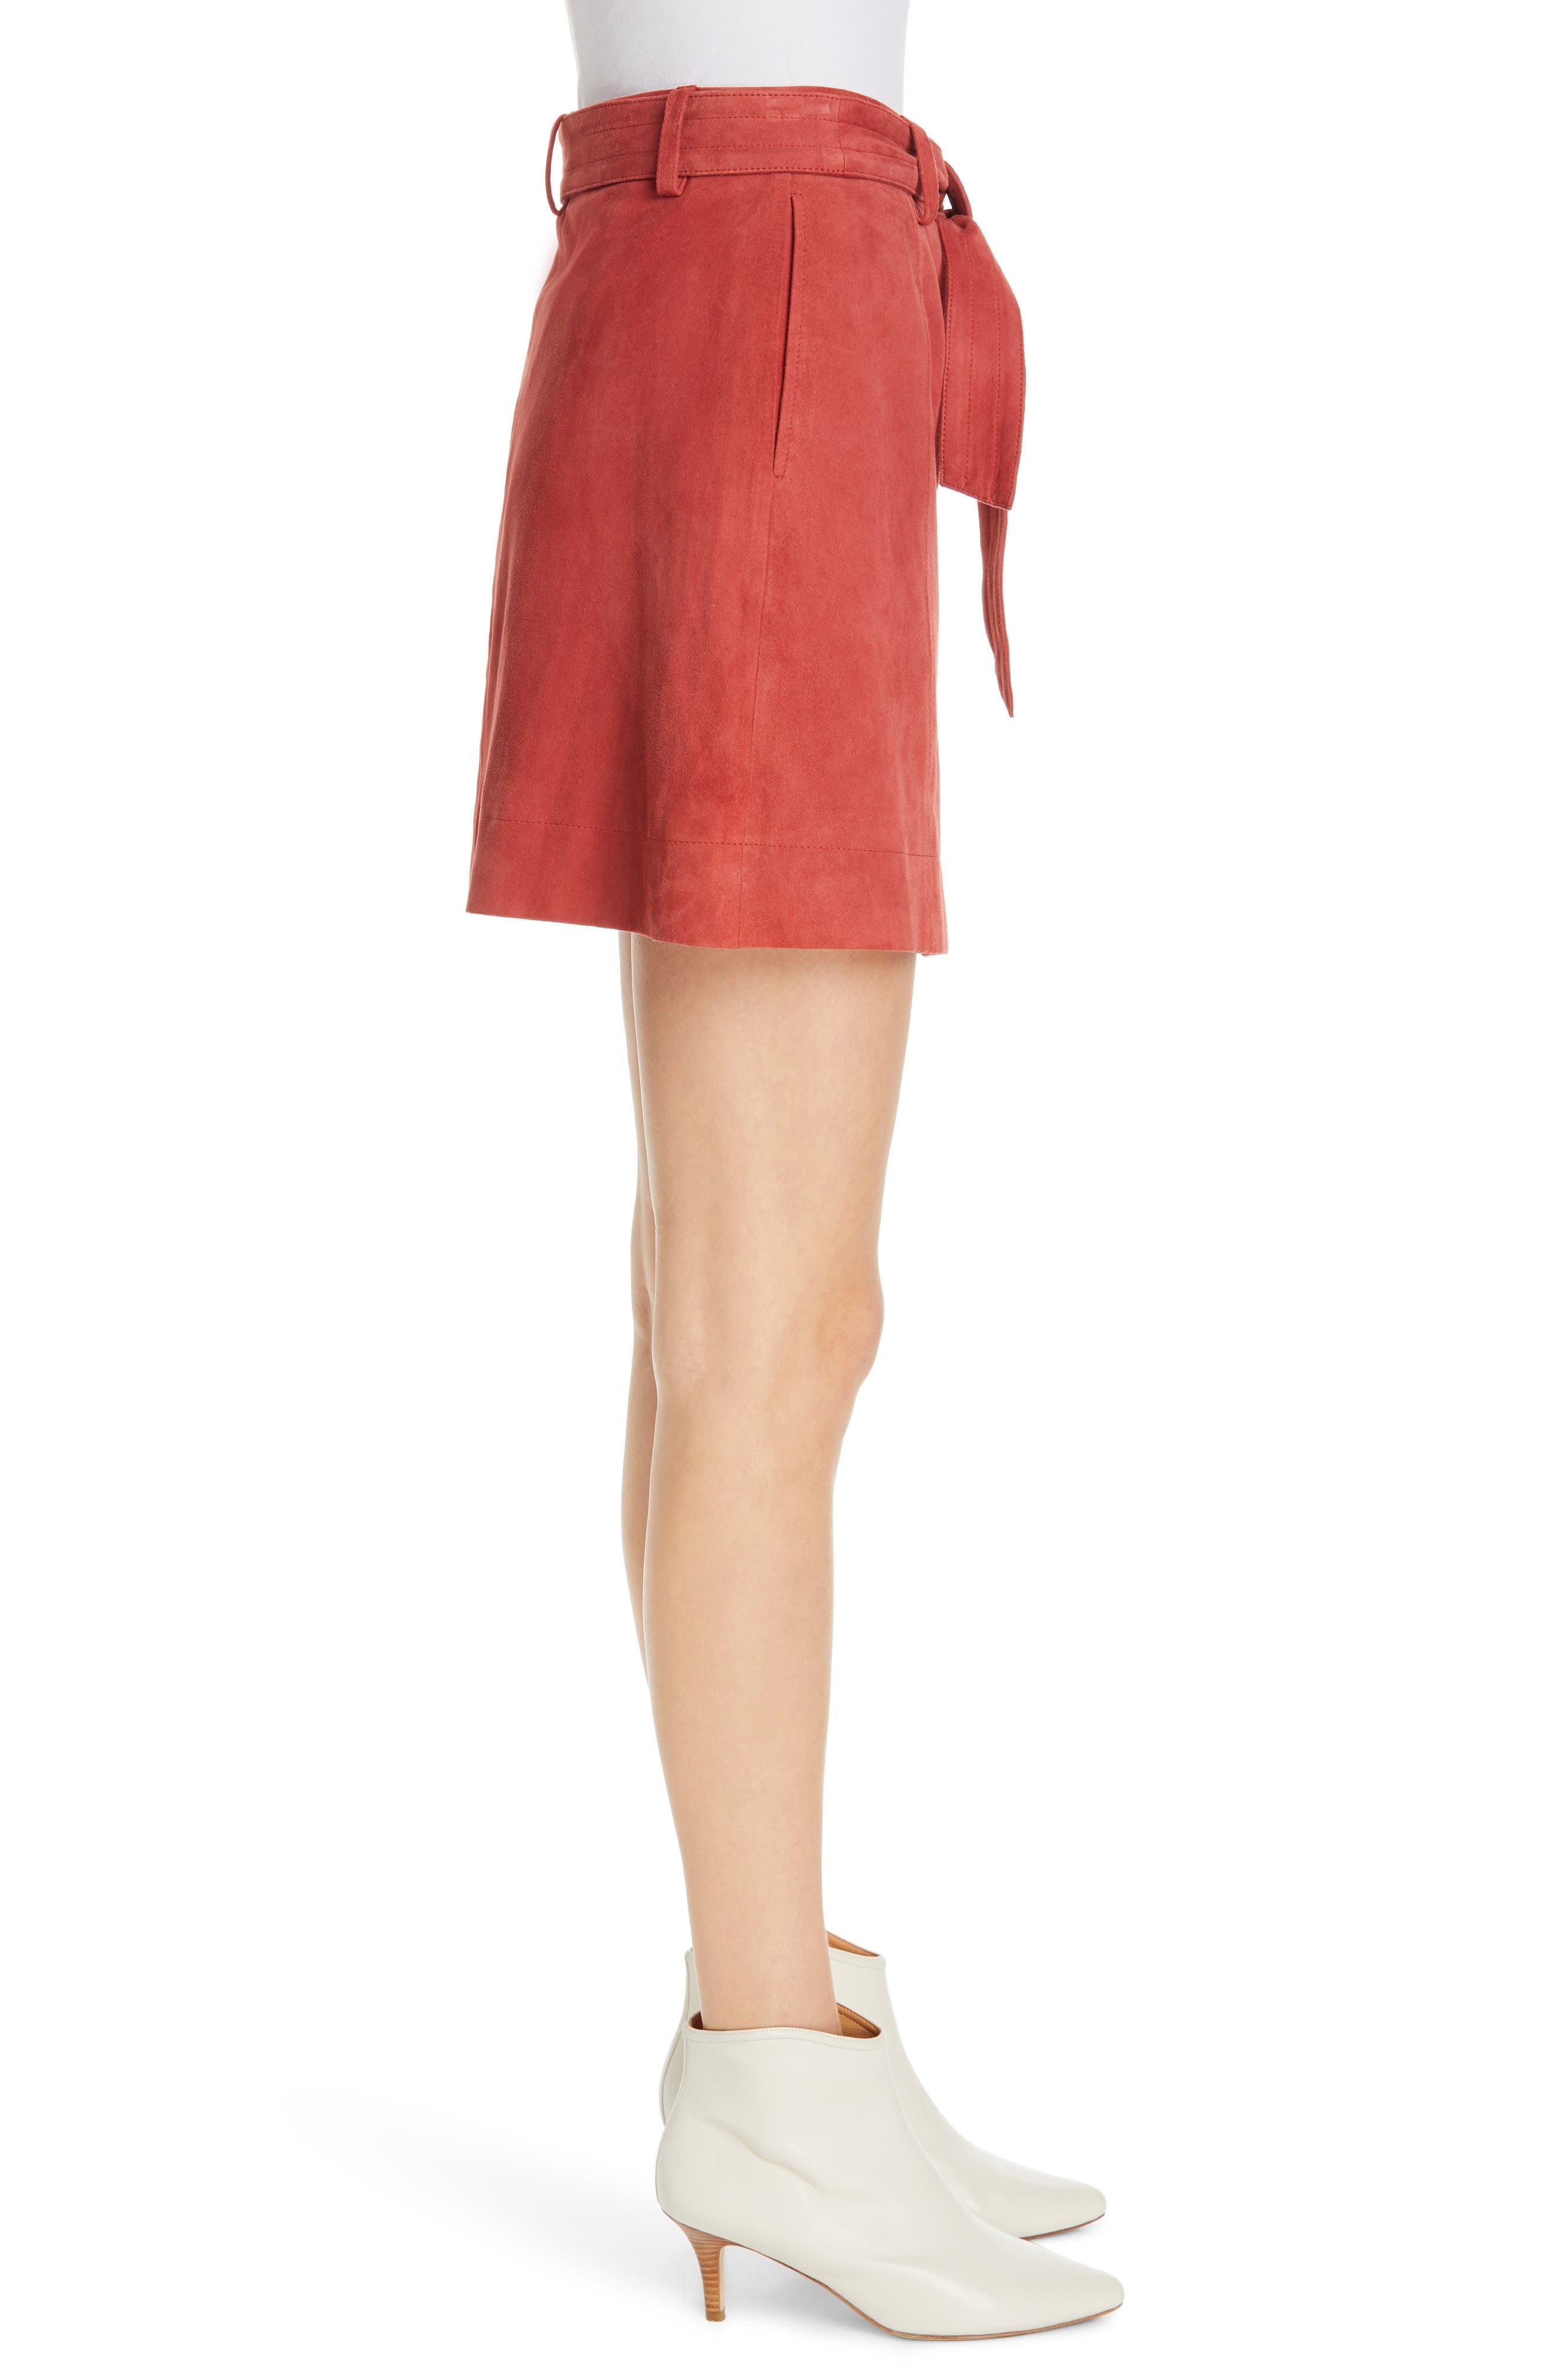 JOIE, Neida Suede Miniskirt, Alternate thumbnail 3, color, DESERT SPICE